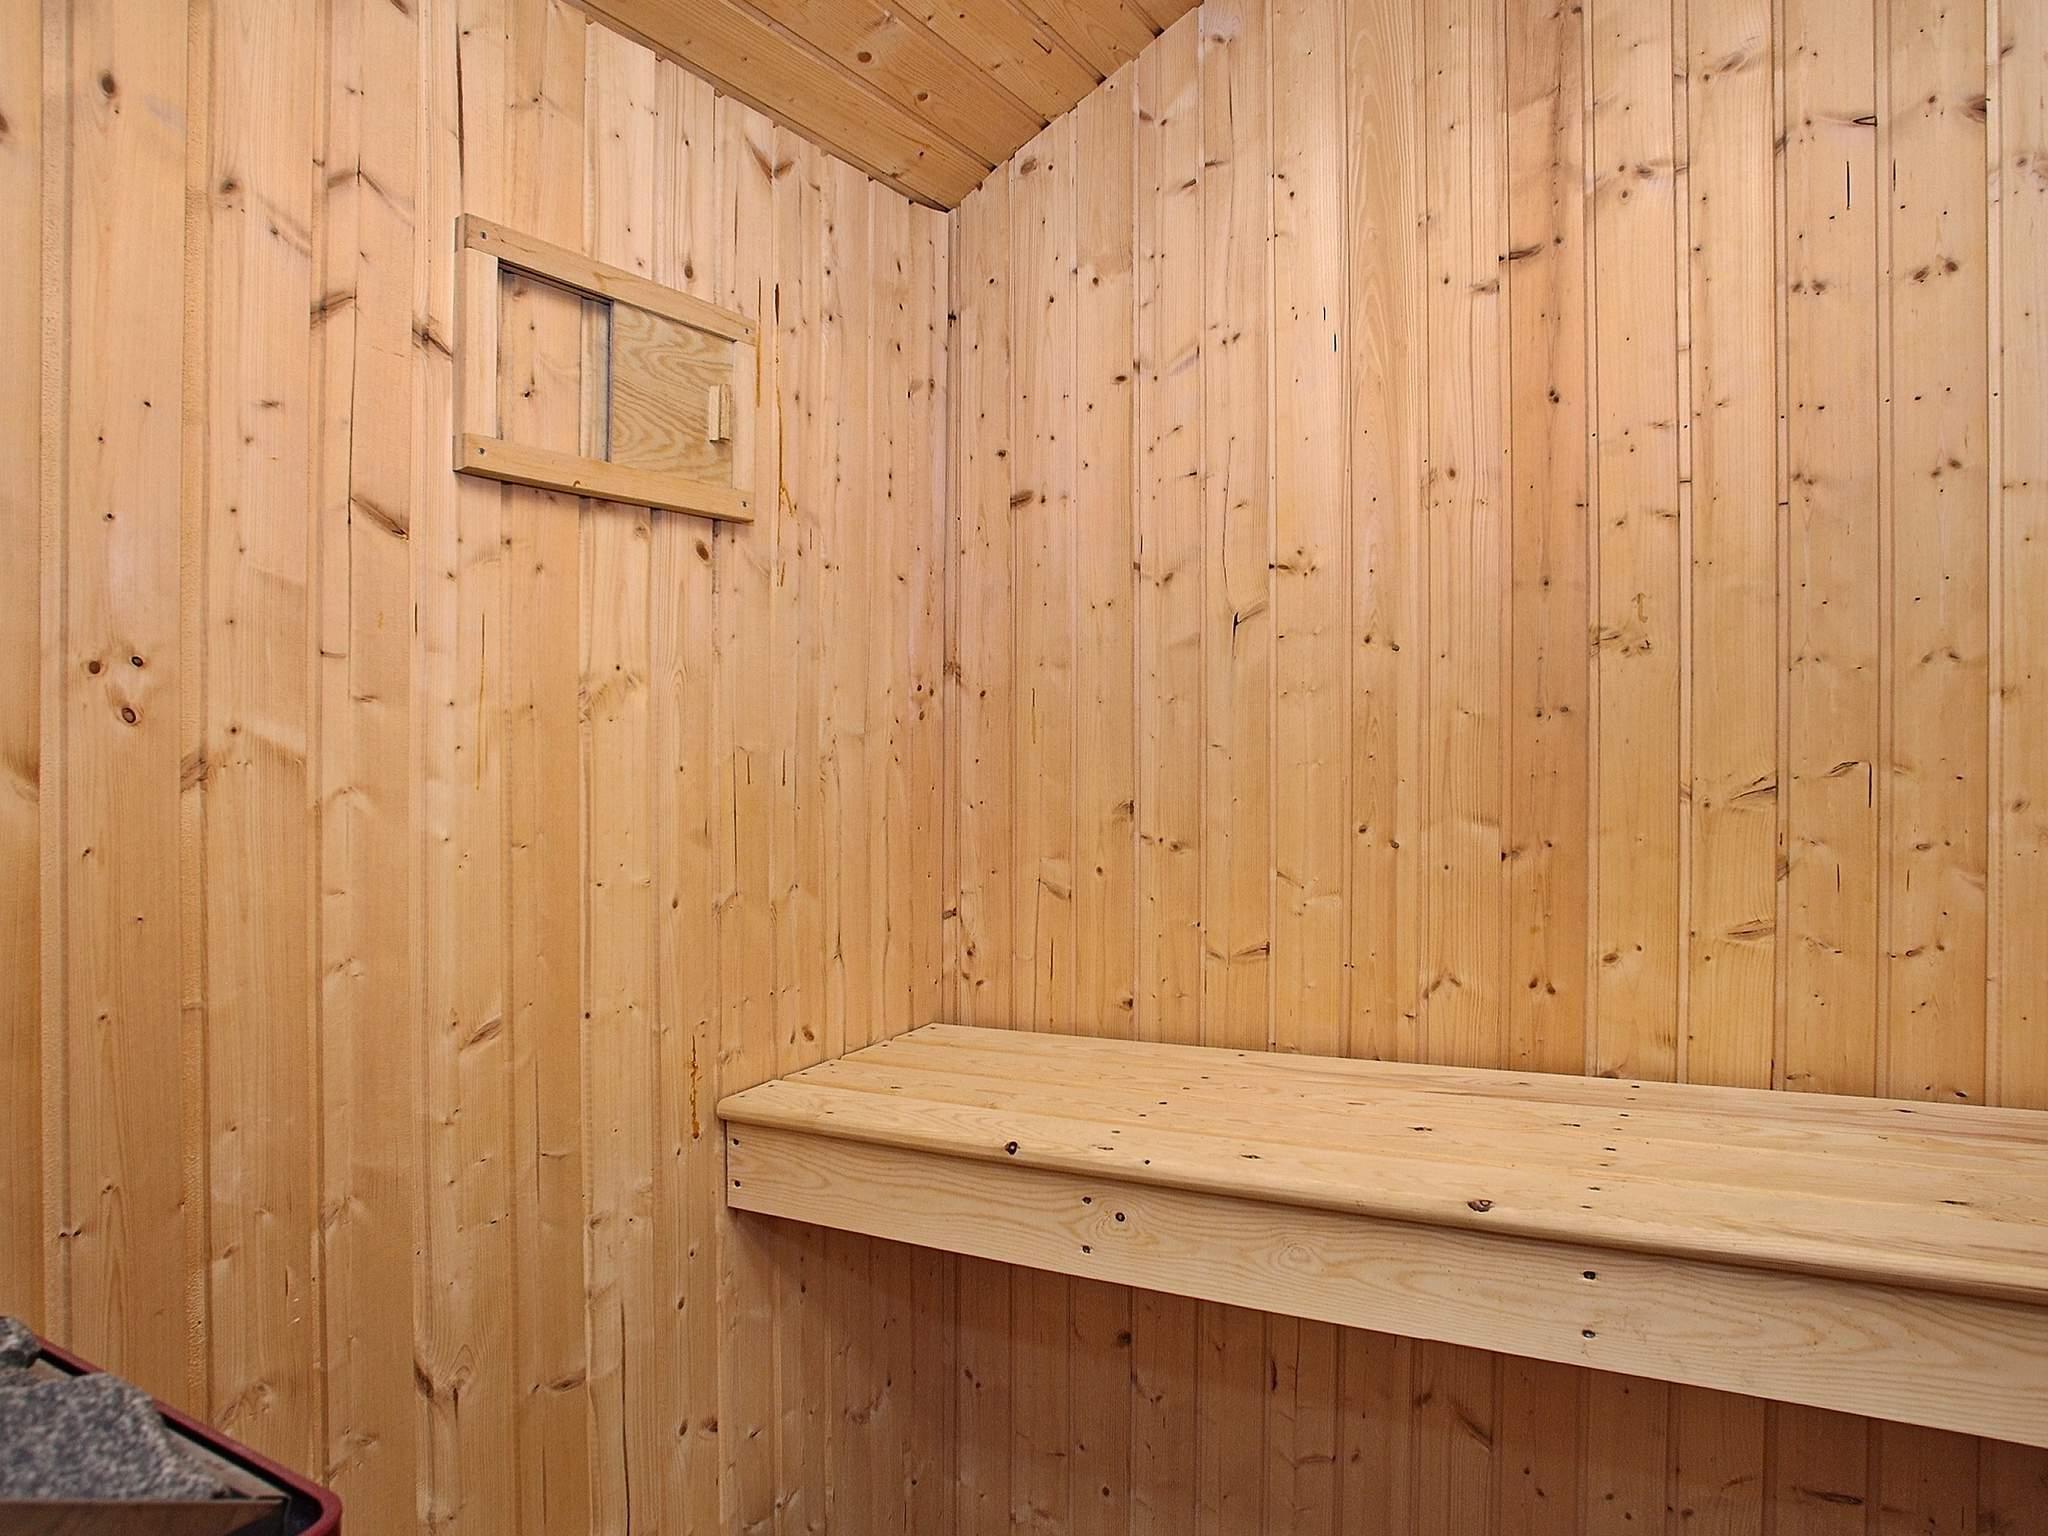 Ferienhaus Løkken (84084), Løkken, , Nordwestjütland, Dänemark, Bild 19